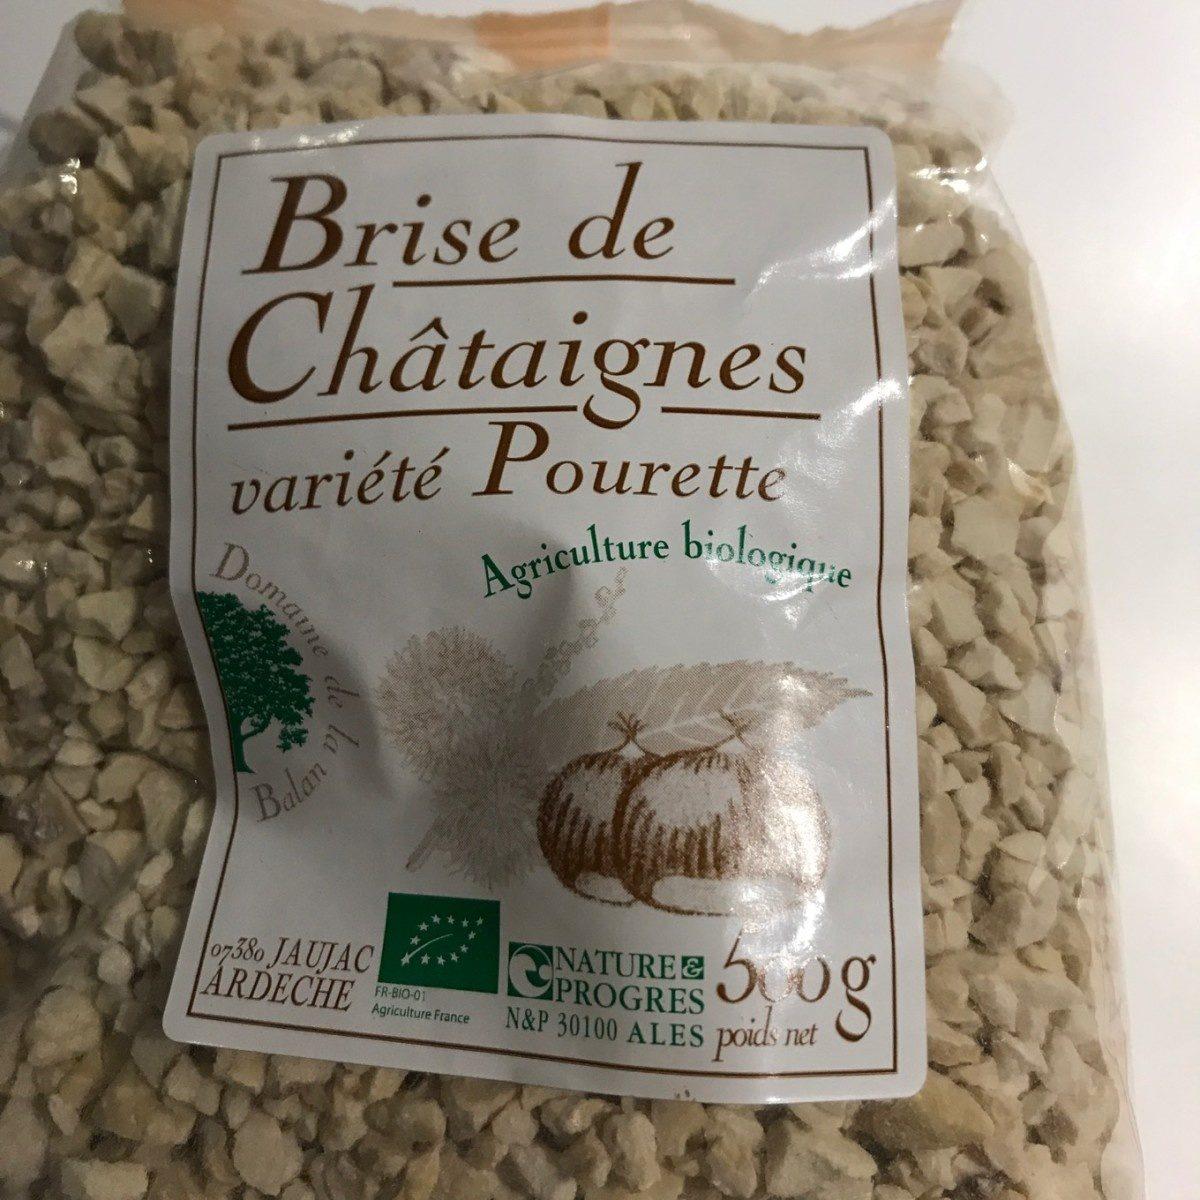 Brise de Châtaignes variété Pourette - Produit